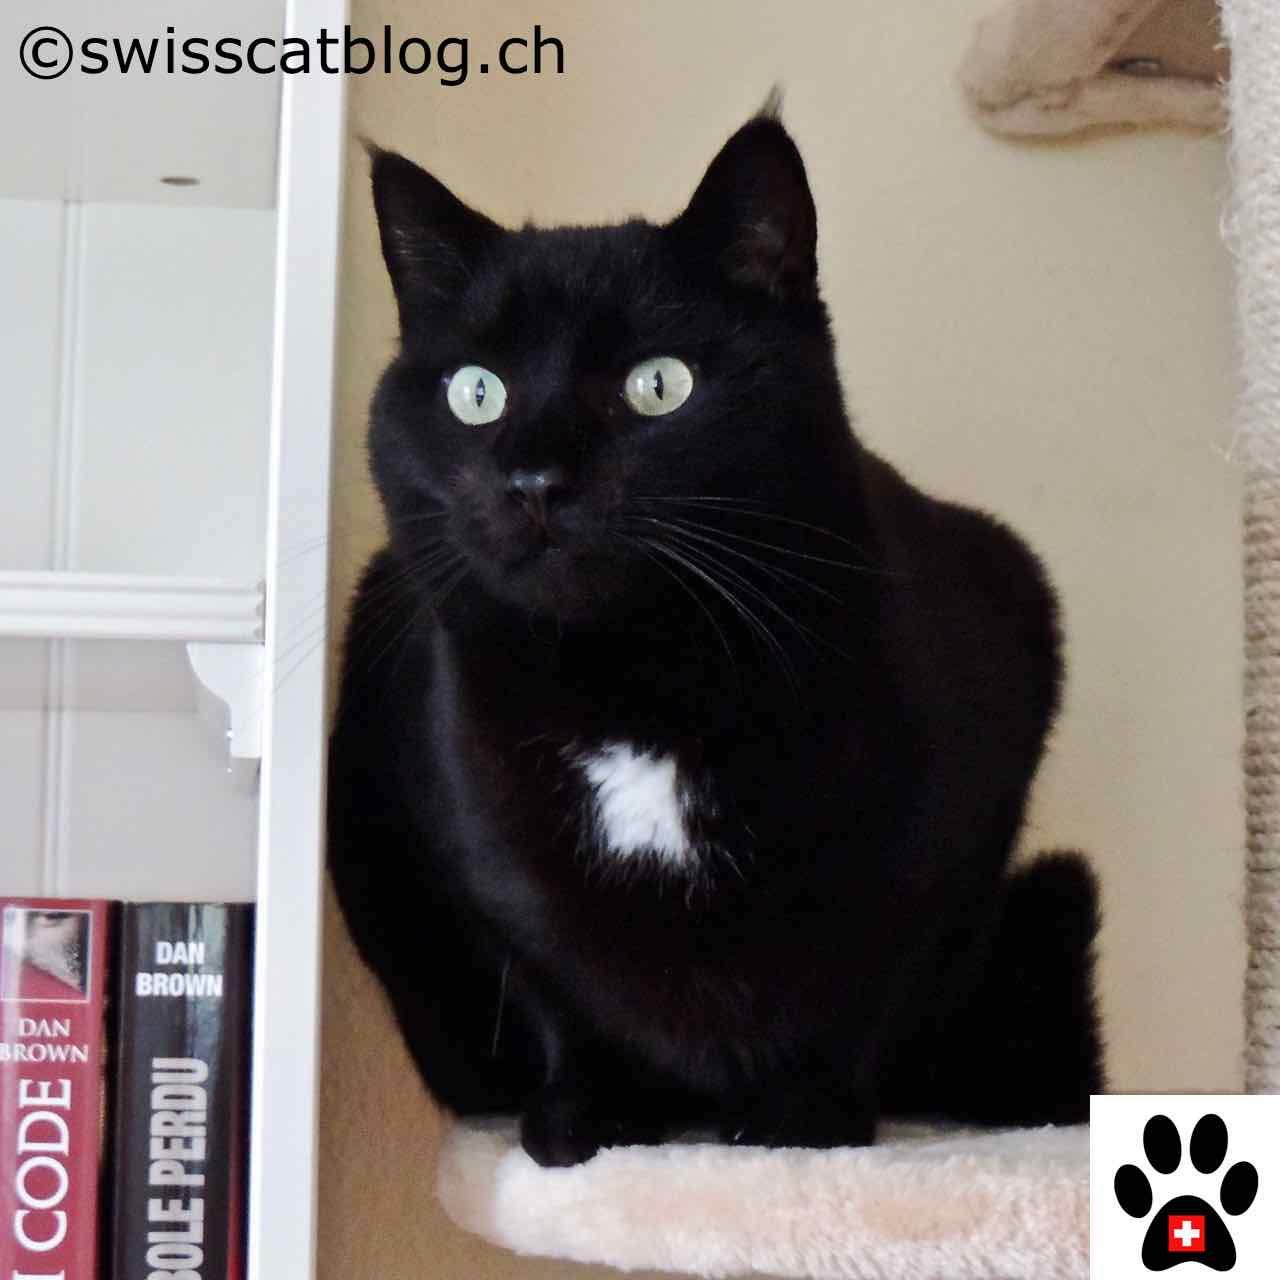 Des Chaussettes Chat Ou Rien The Swiss Cats